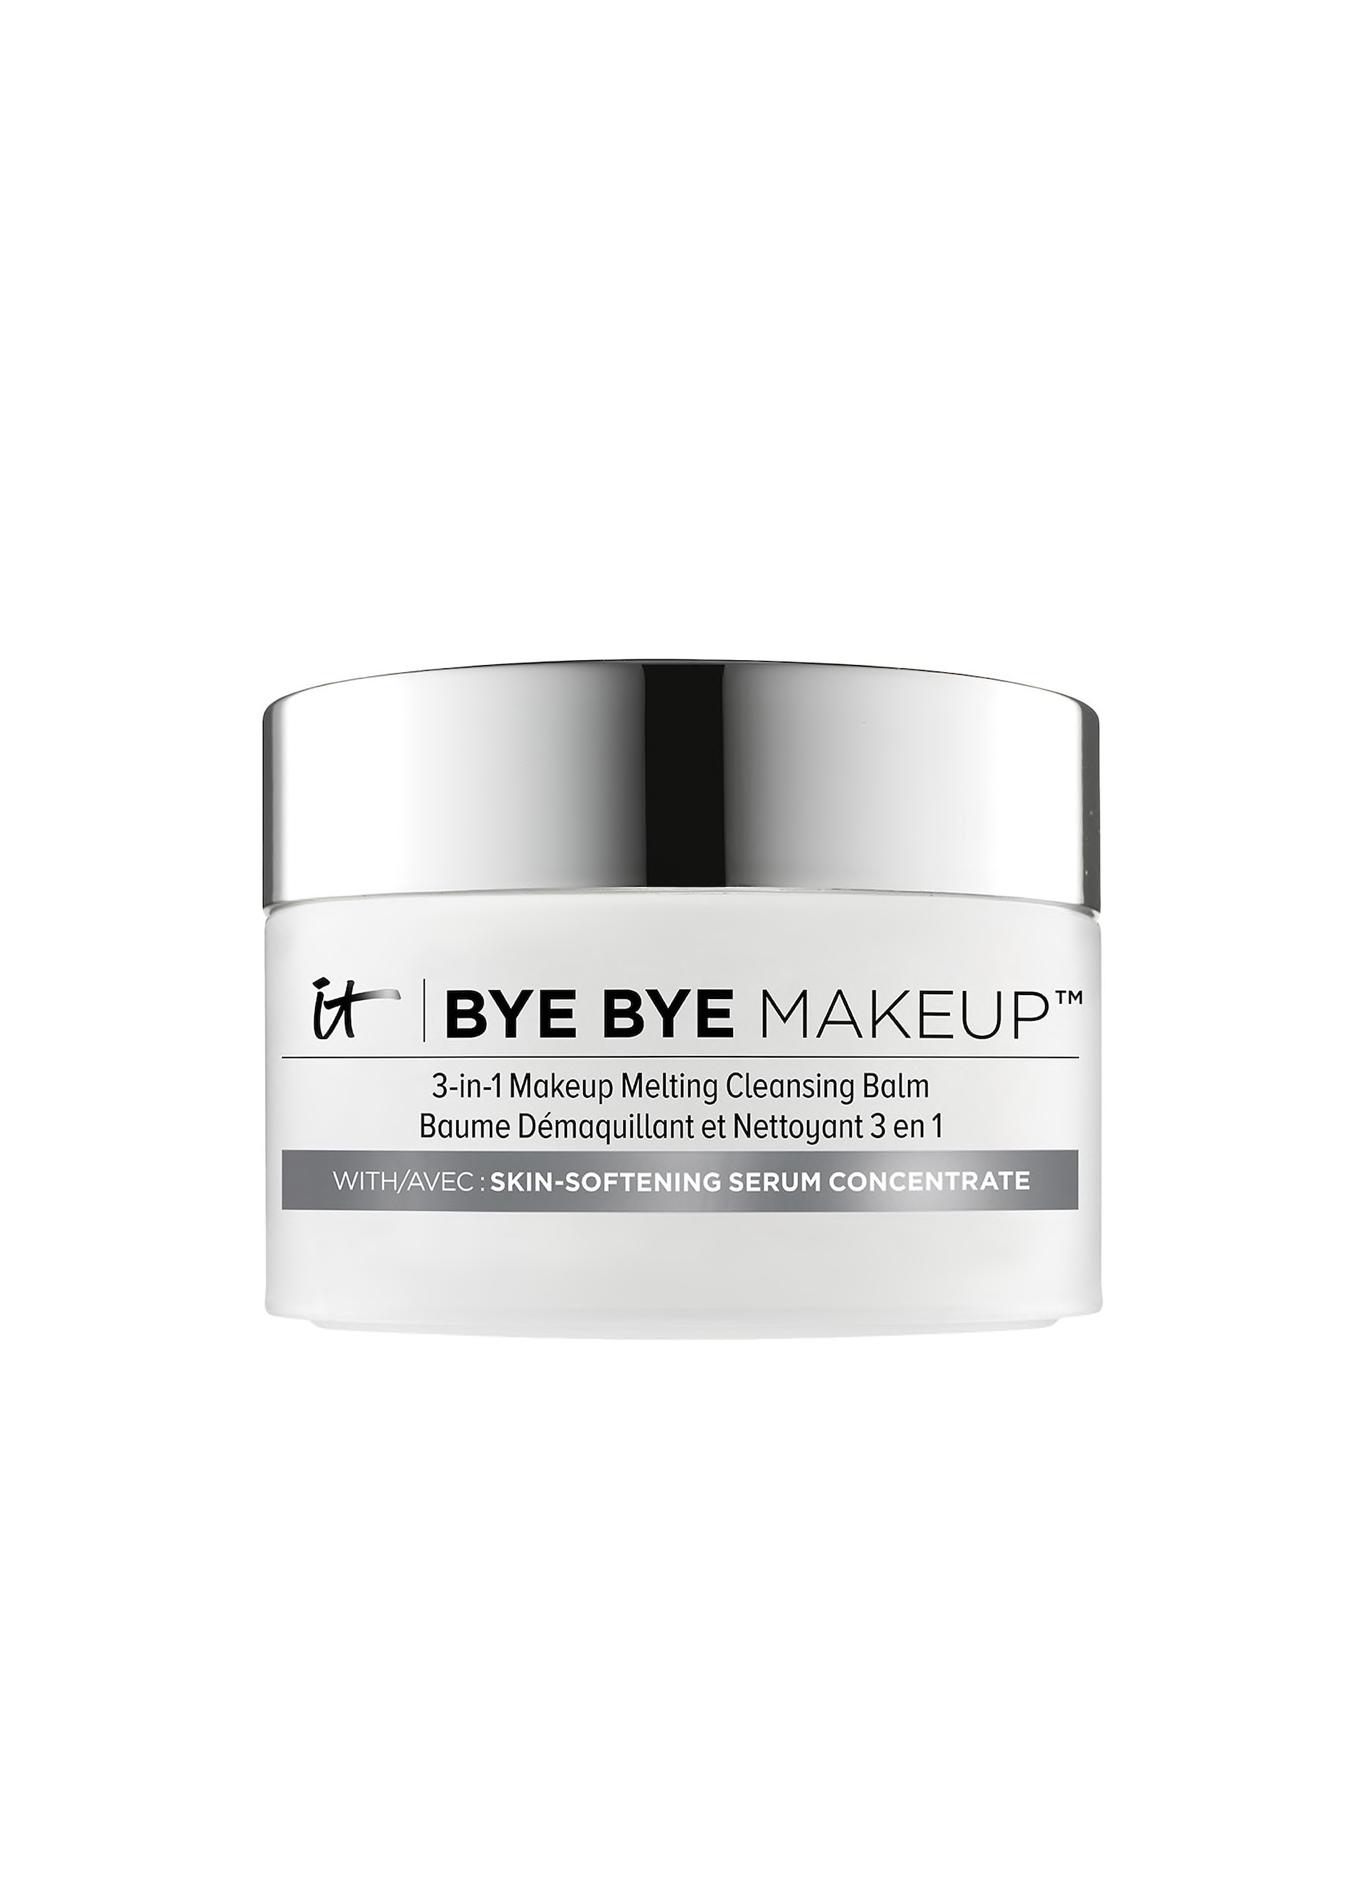 Bye Bye Makeup